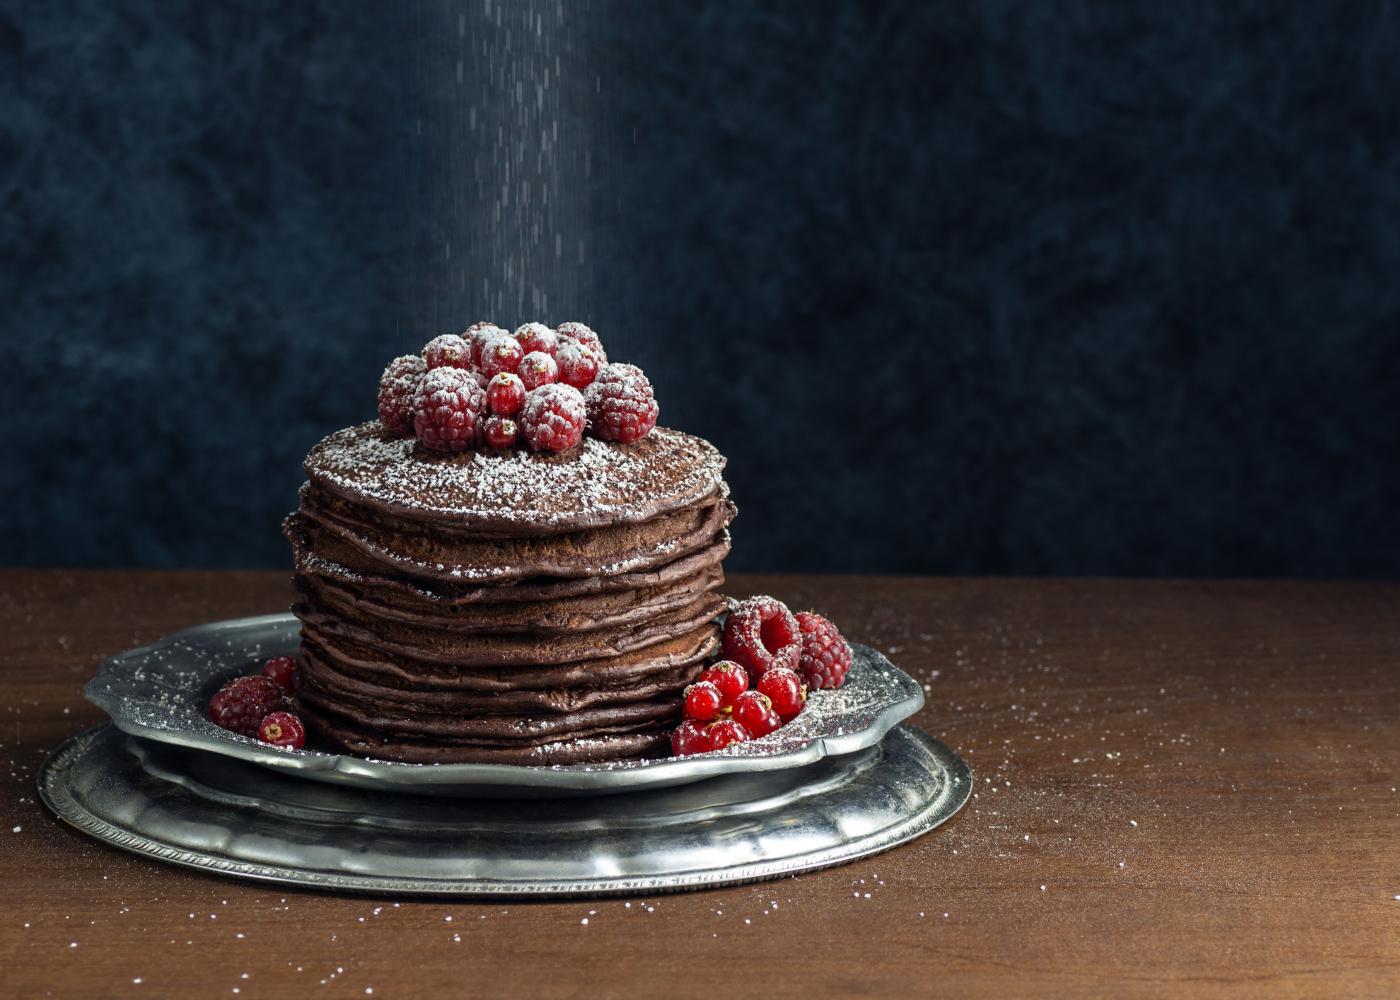 panquecas de chocolate com framboesas